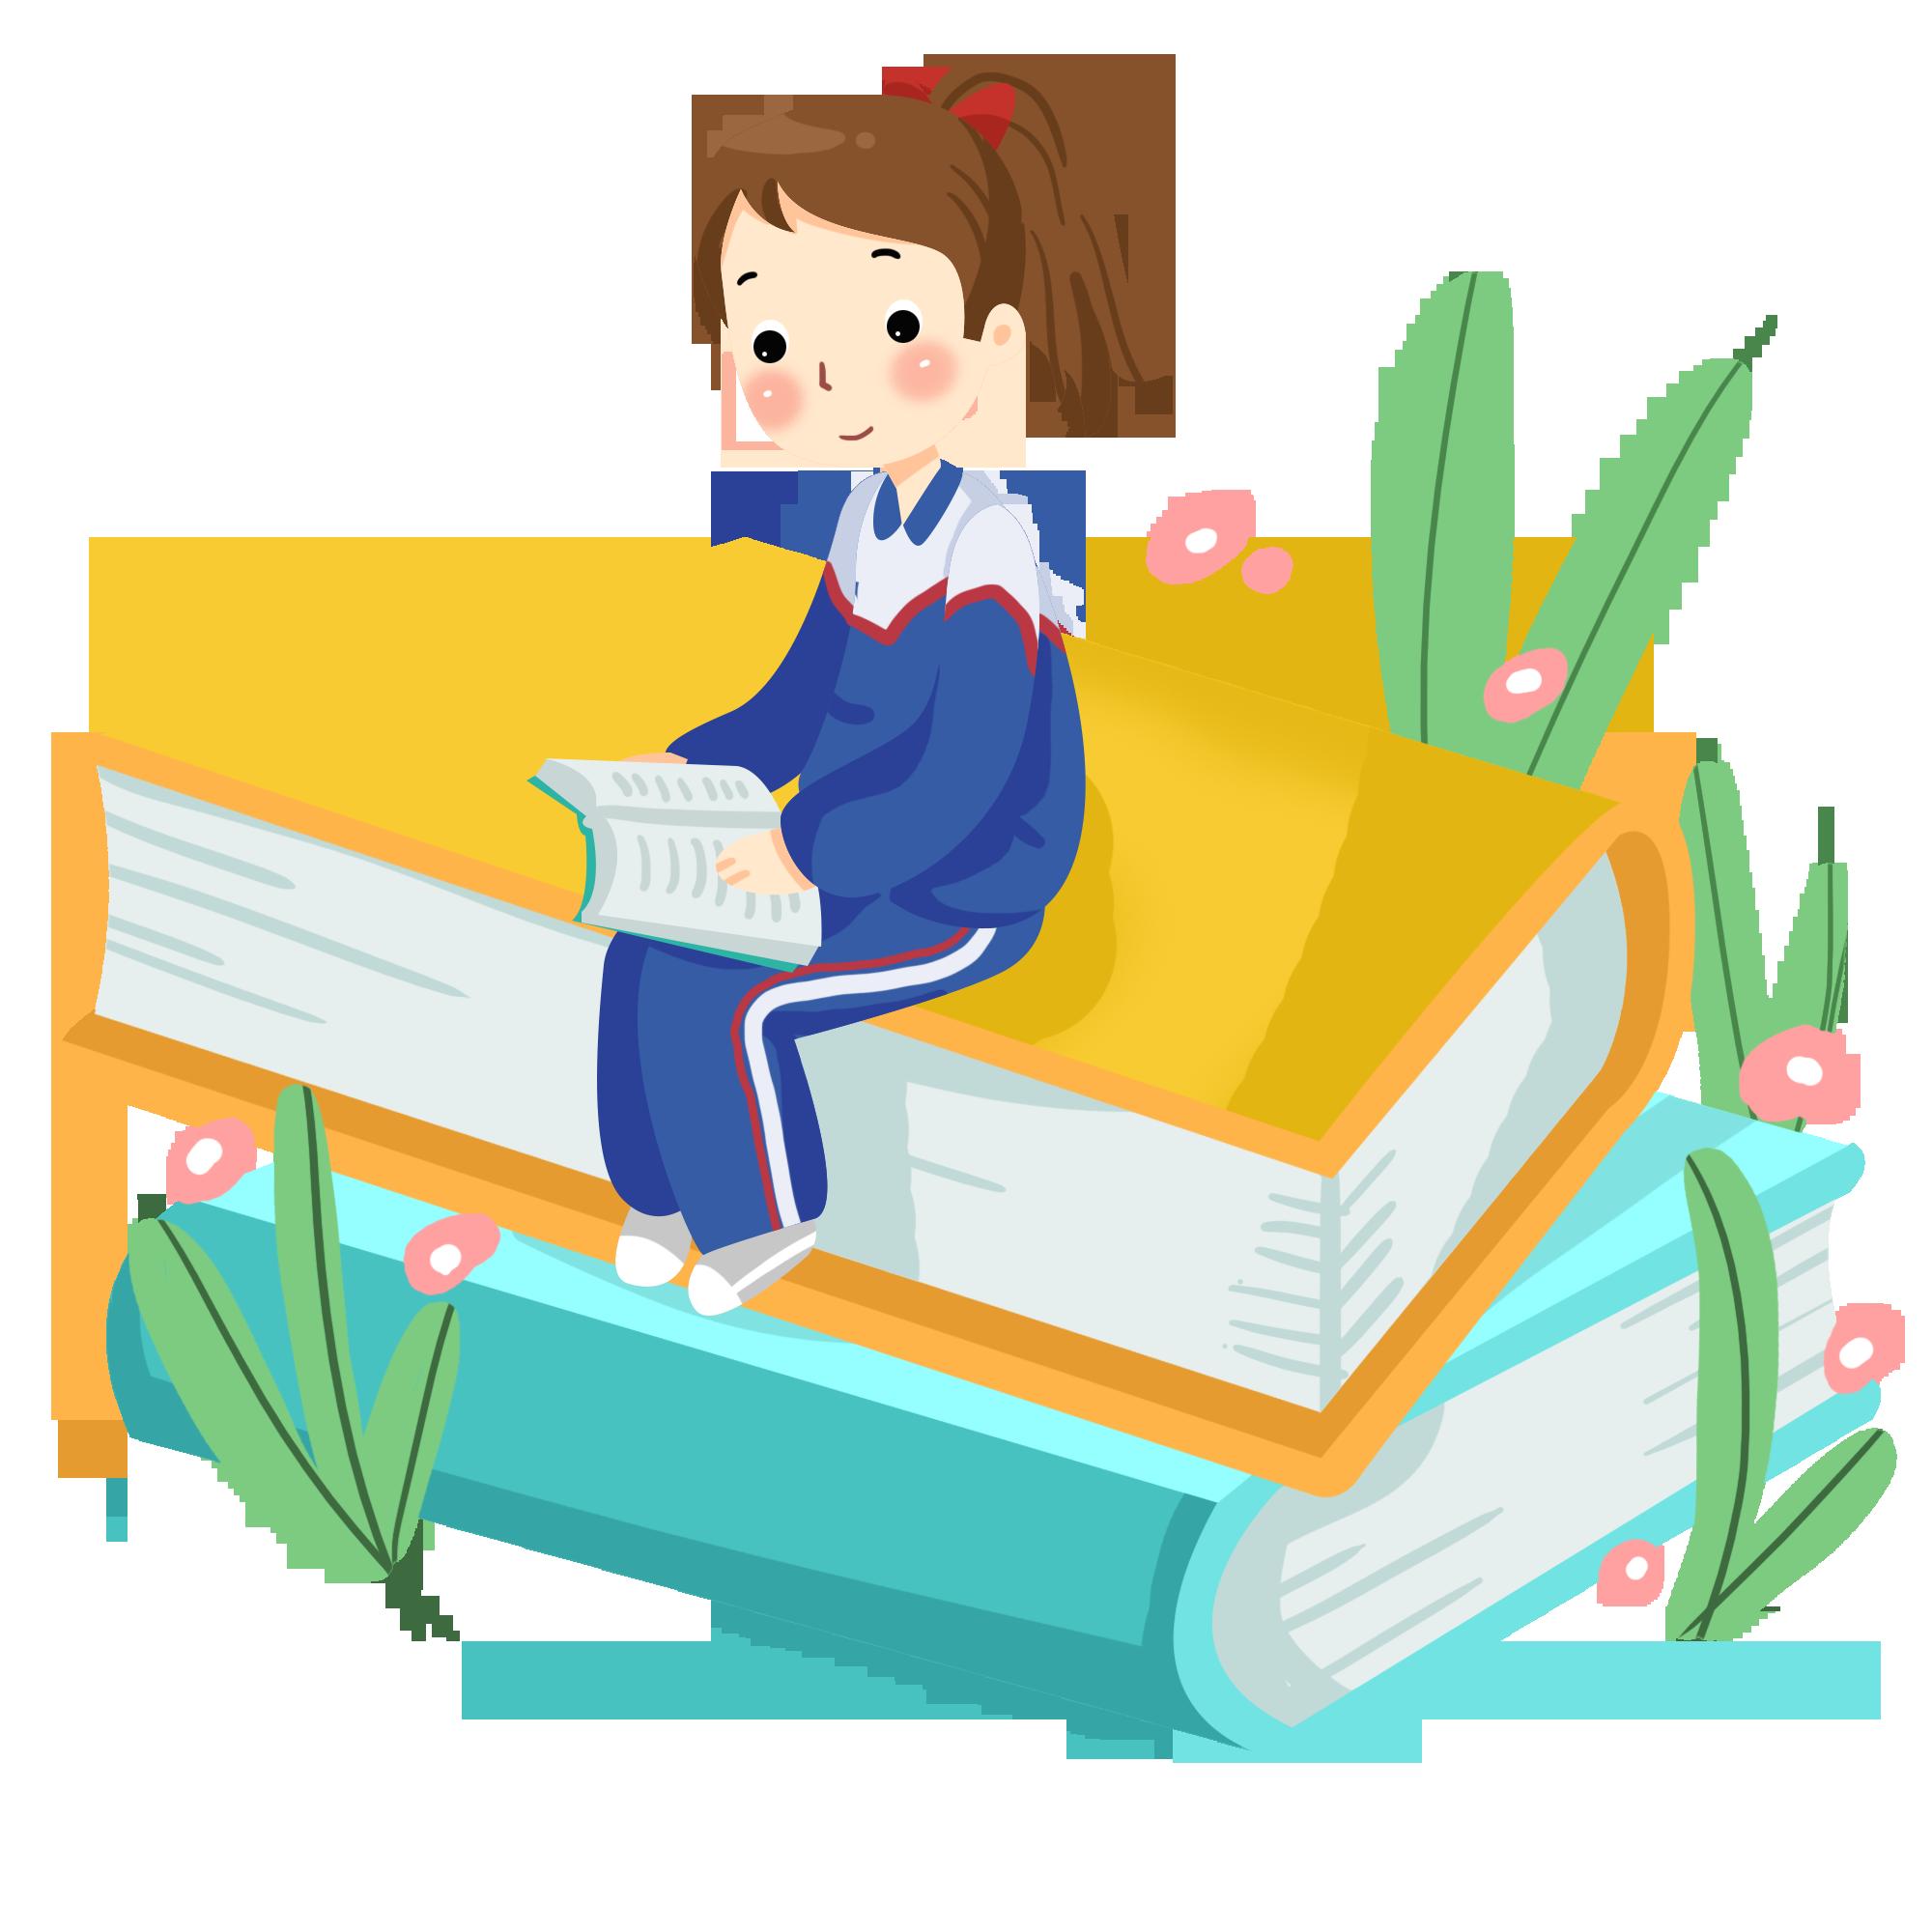 摄图网_401329206_坐在书本上复习的女孩(企业商用).png